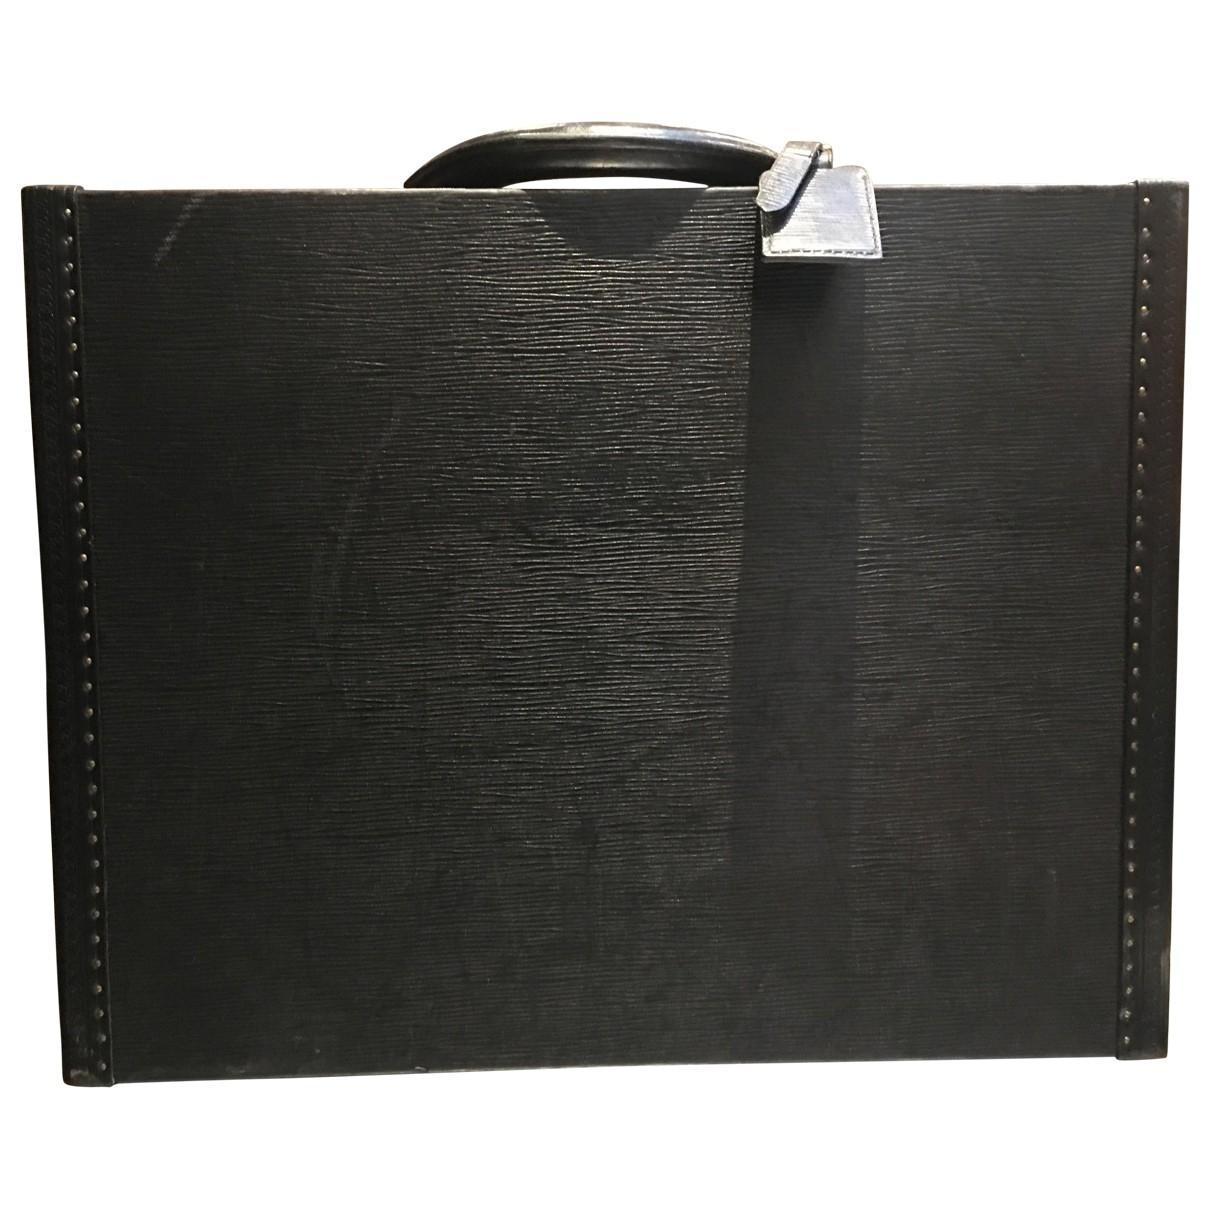 Louis Vuitton - Sac President pour homme en cuir - noir